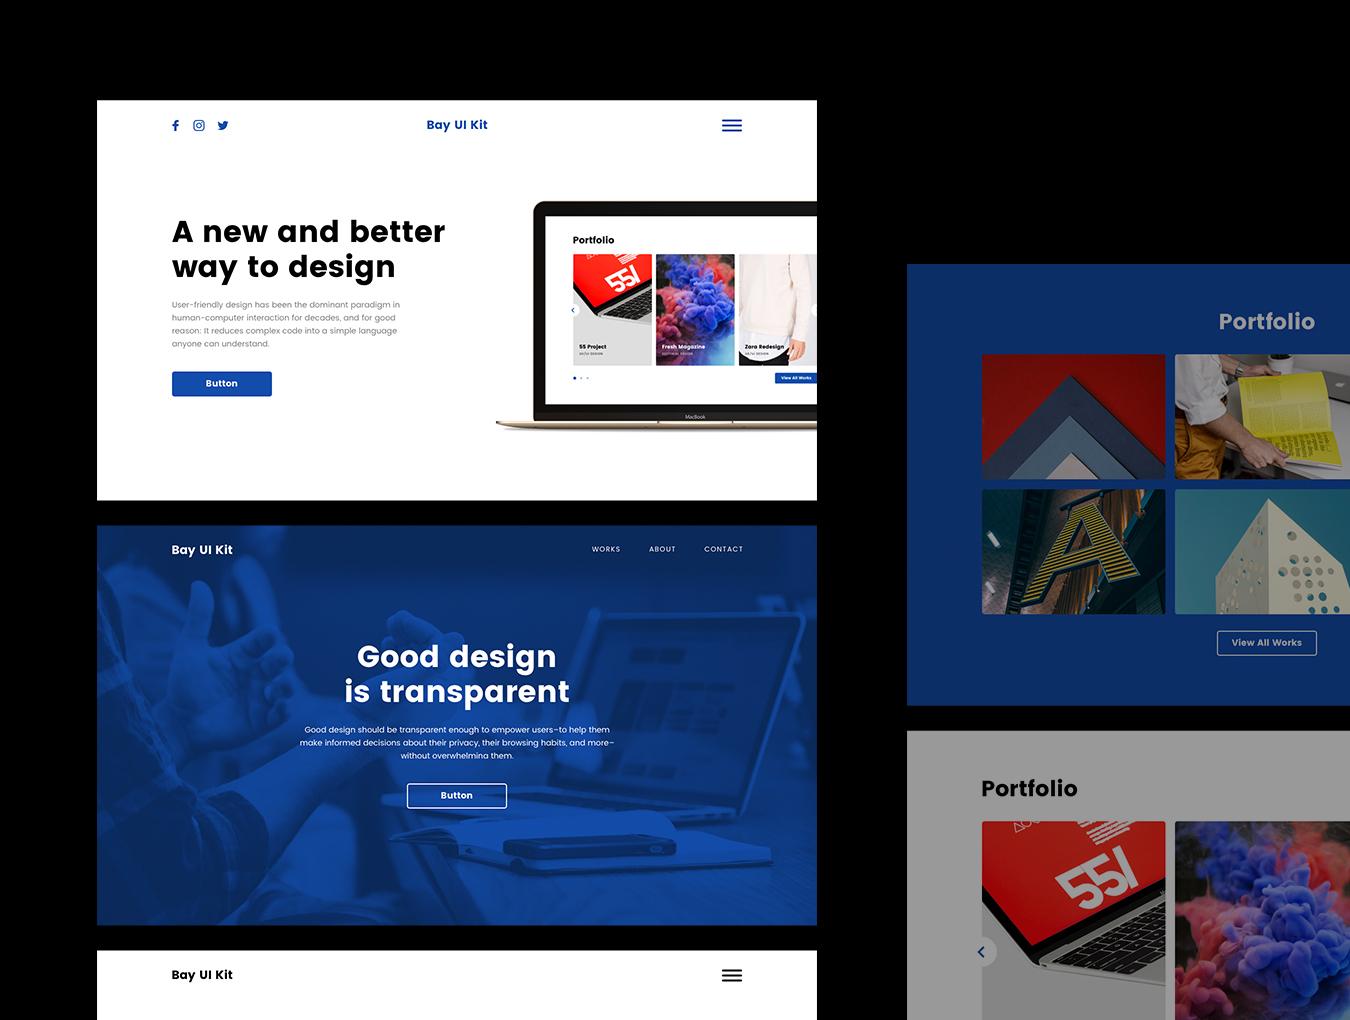 现代简约摄影设计工作室WEB网站UI界面设计模板 Bay UI Kit插图(1)